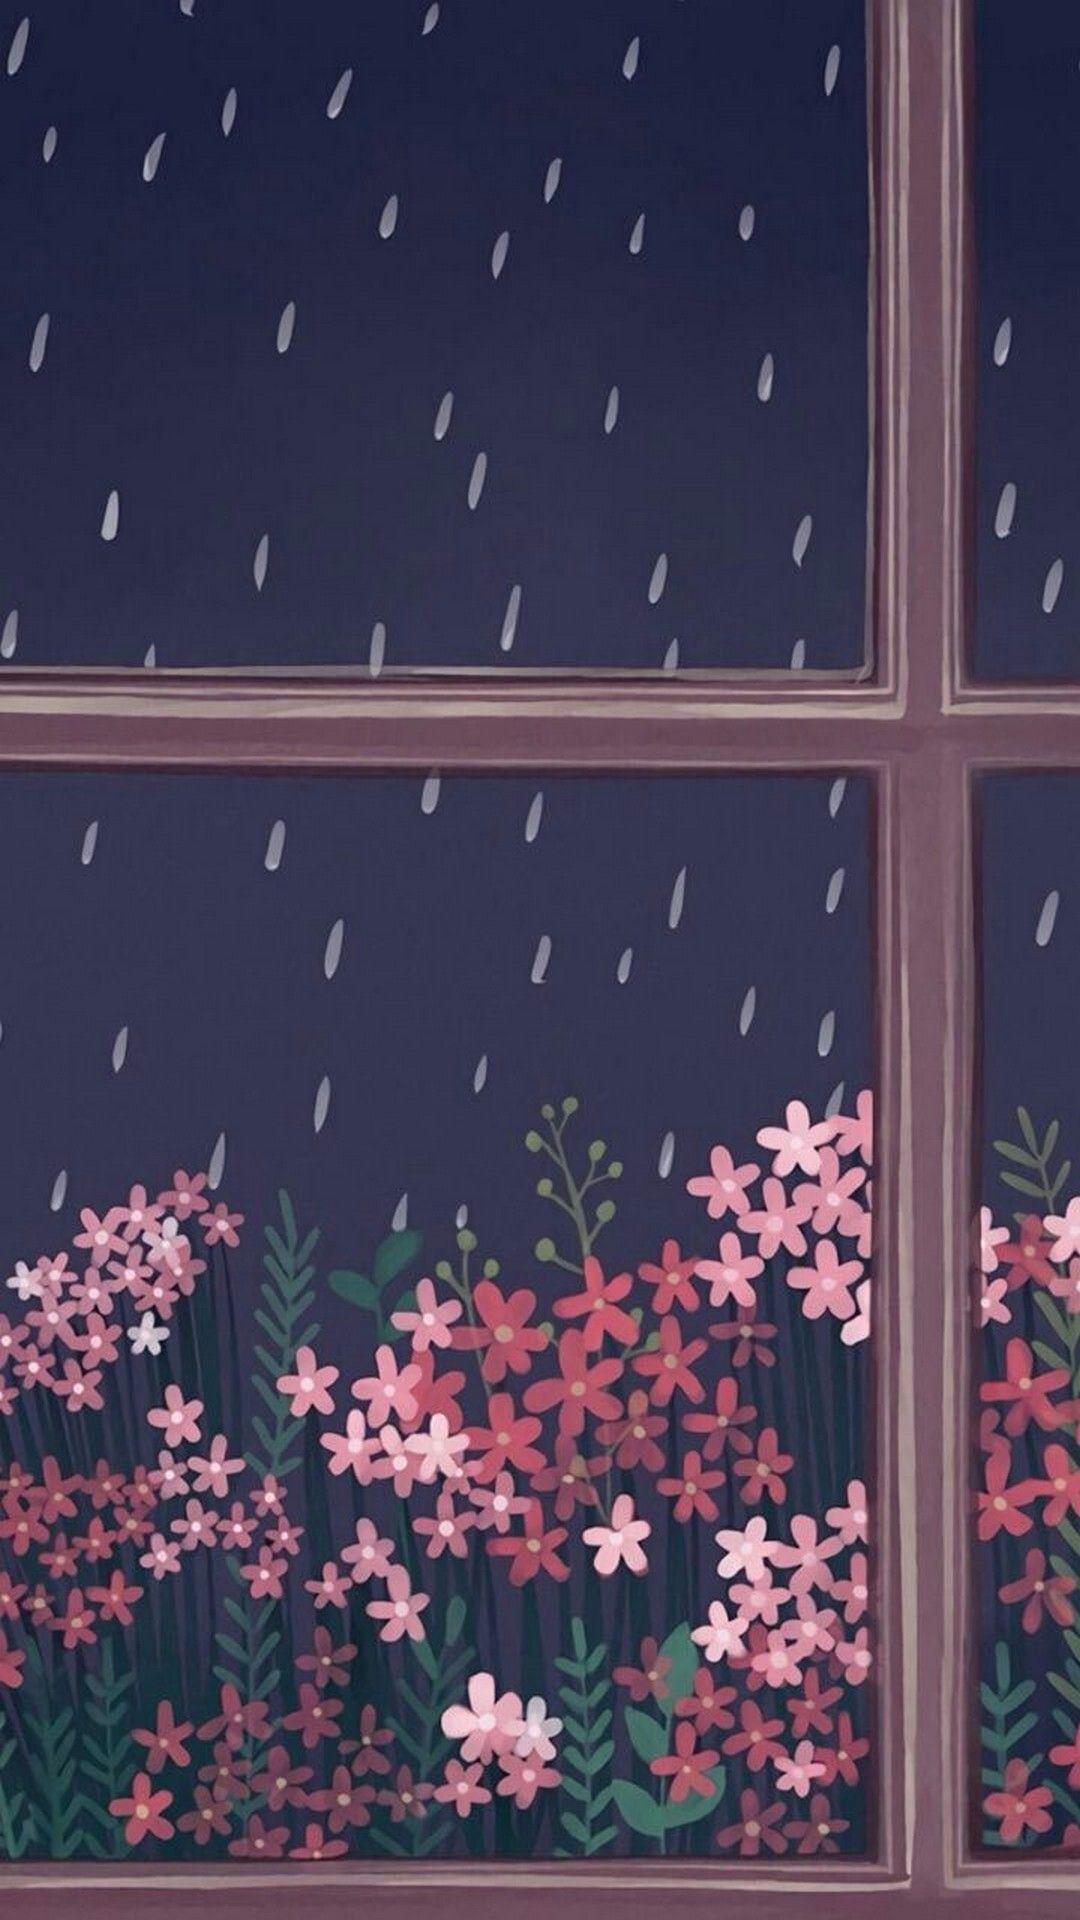 Rain Wallpaper For Iphone 6 Rain Wallpapers Aesthetic